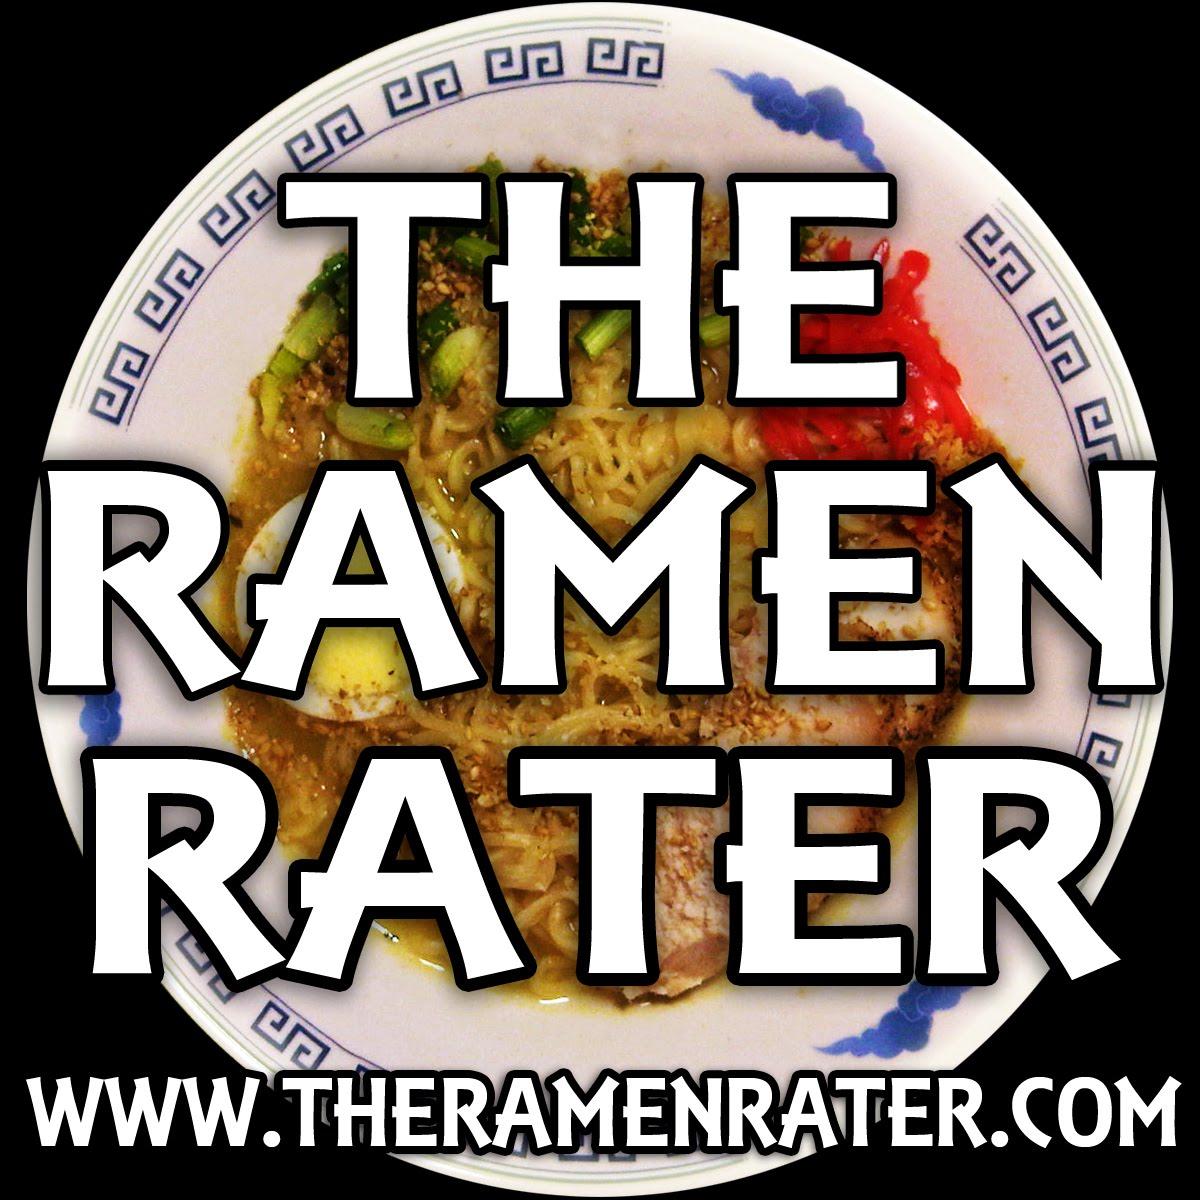 The Ramen Eater